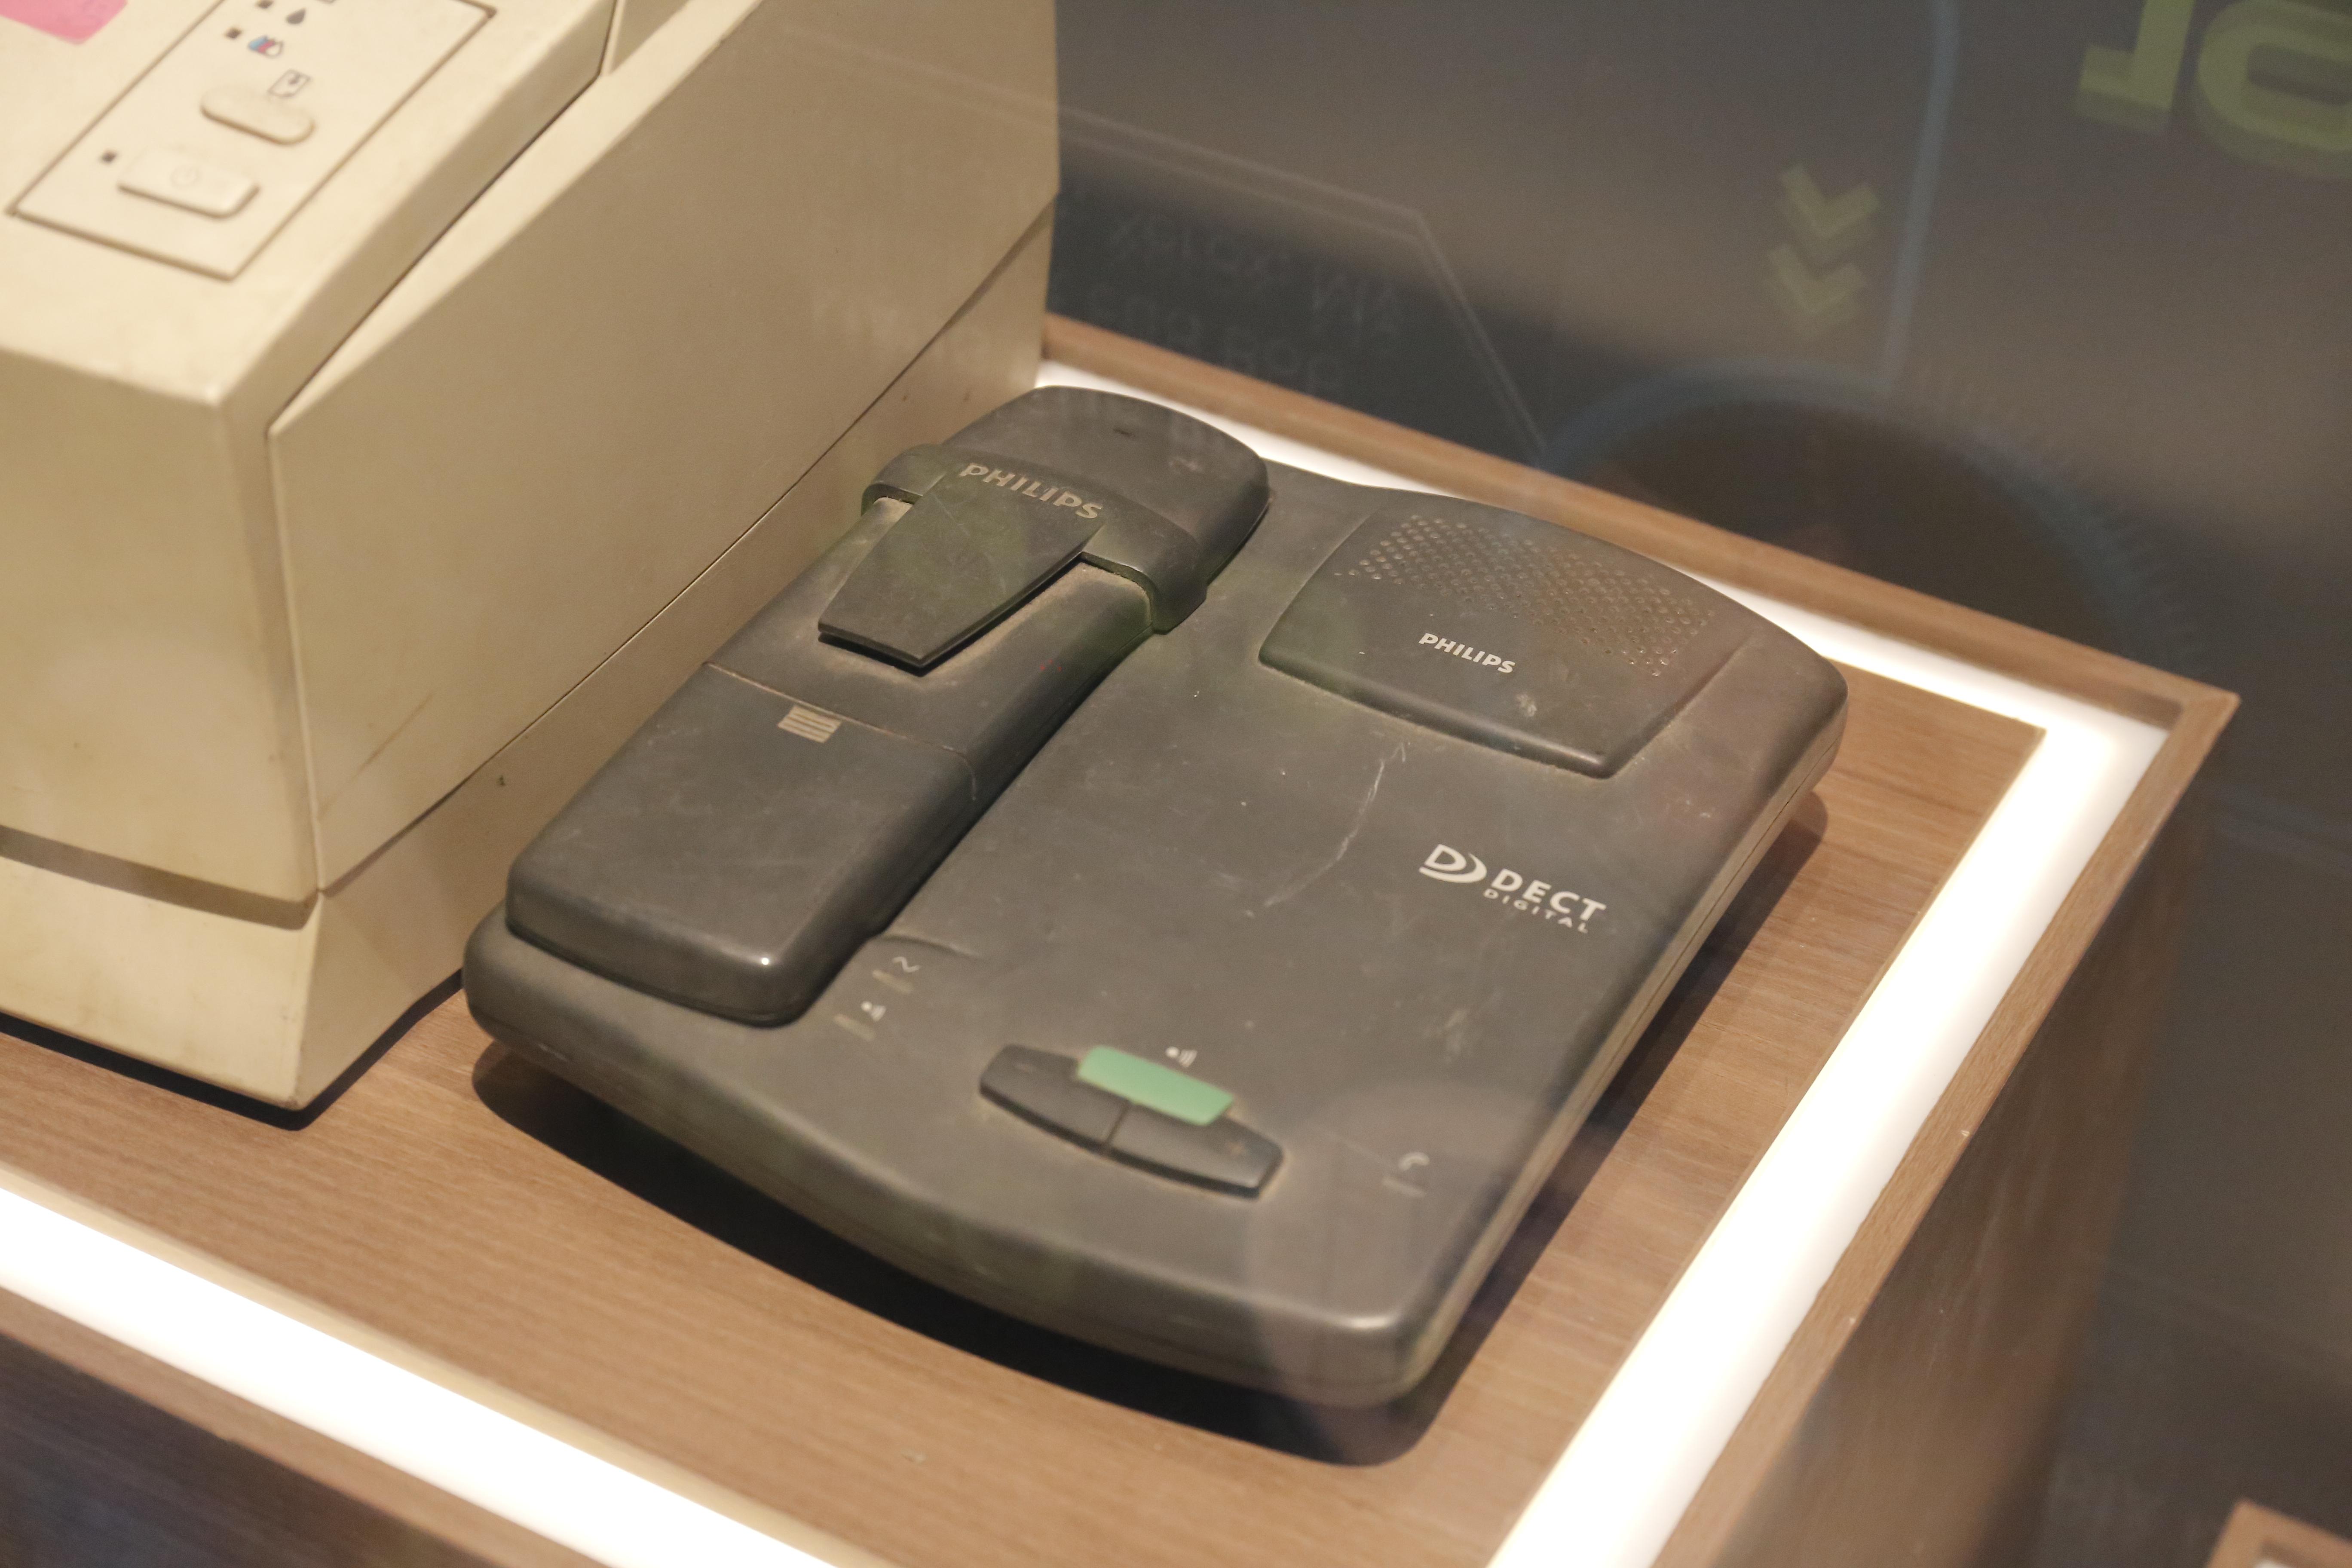 Điện thoại số đầu tiên của những năm 1980 - 1990 do hãng Philips sản xuất.